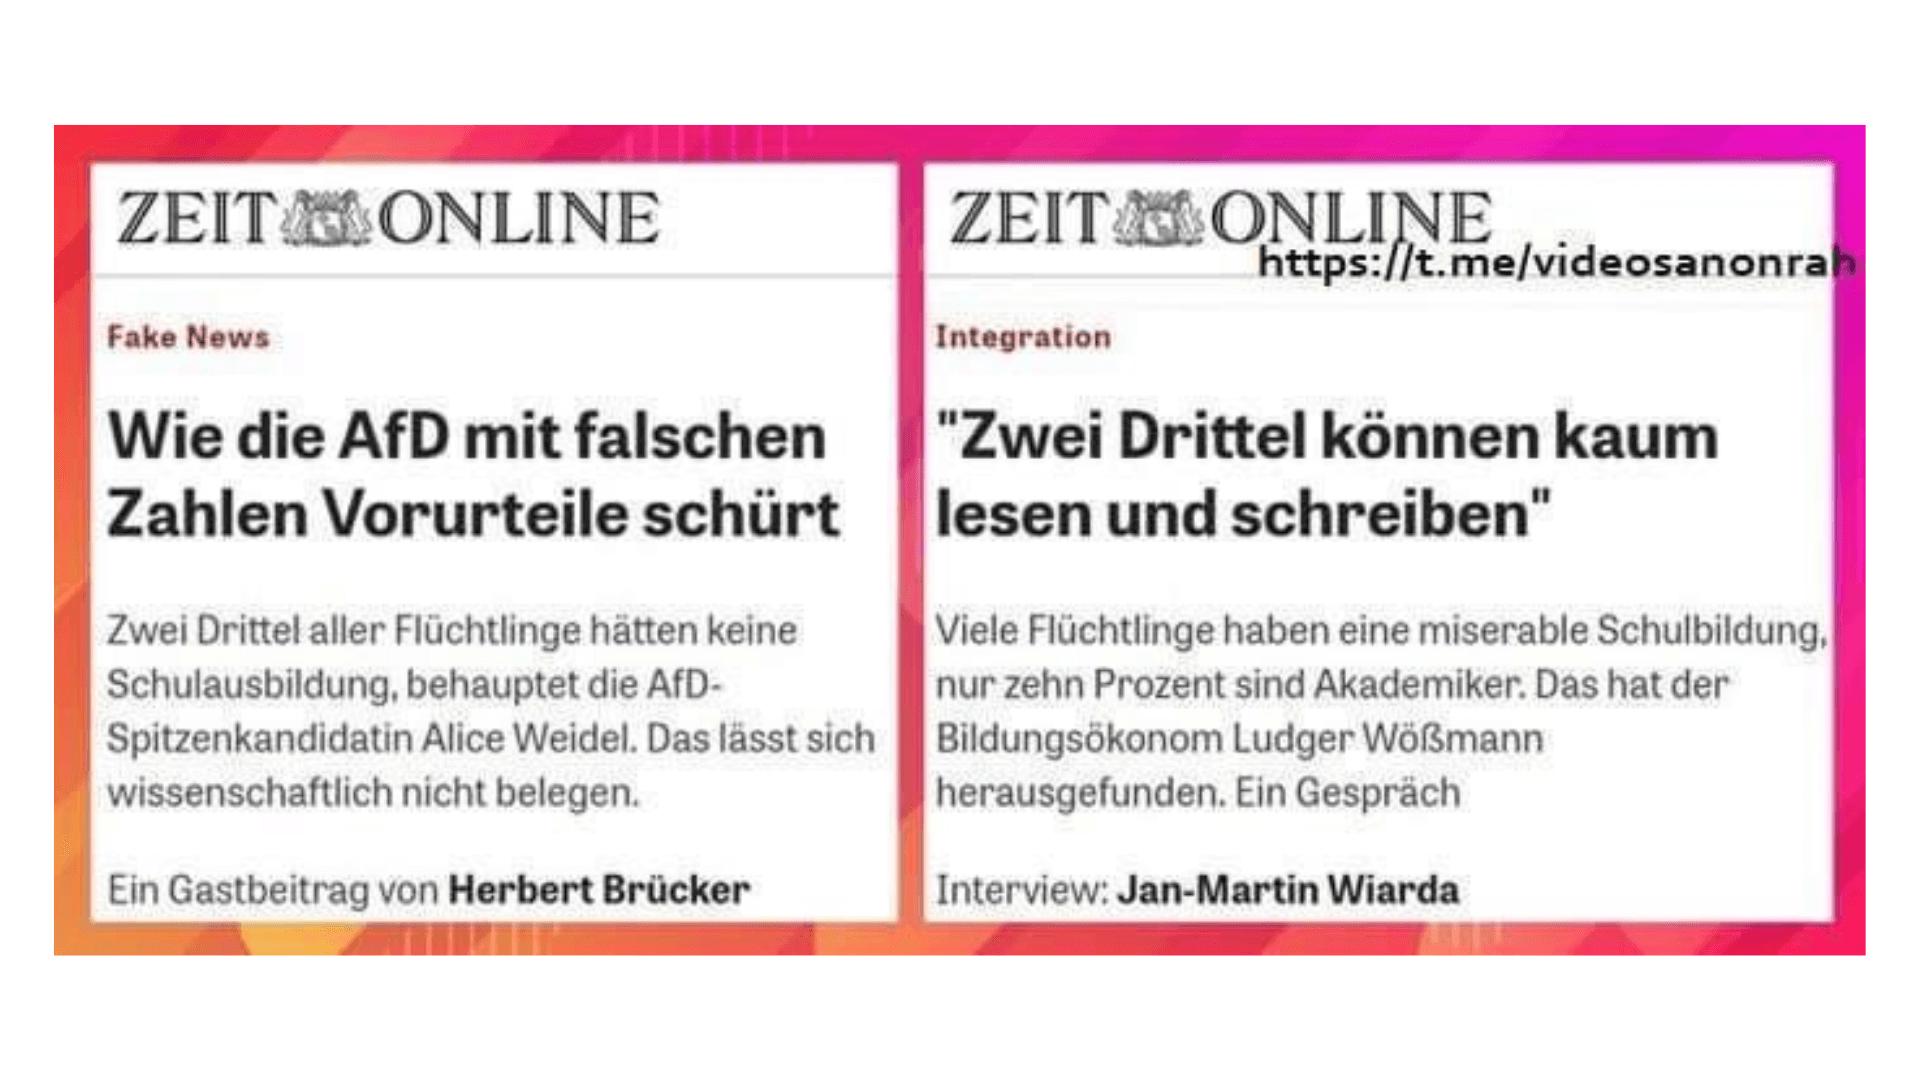 Dieses Bild zweier Artikel von Zeit Online soll zeigen, dass sich die Nachrichtenseite widerspricht - das stimmt aber nicht.